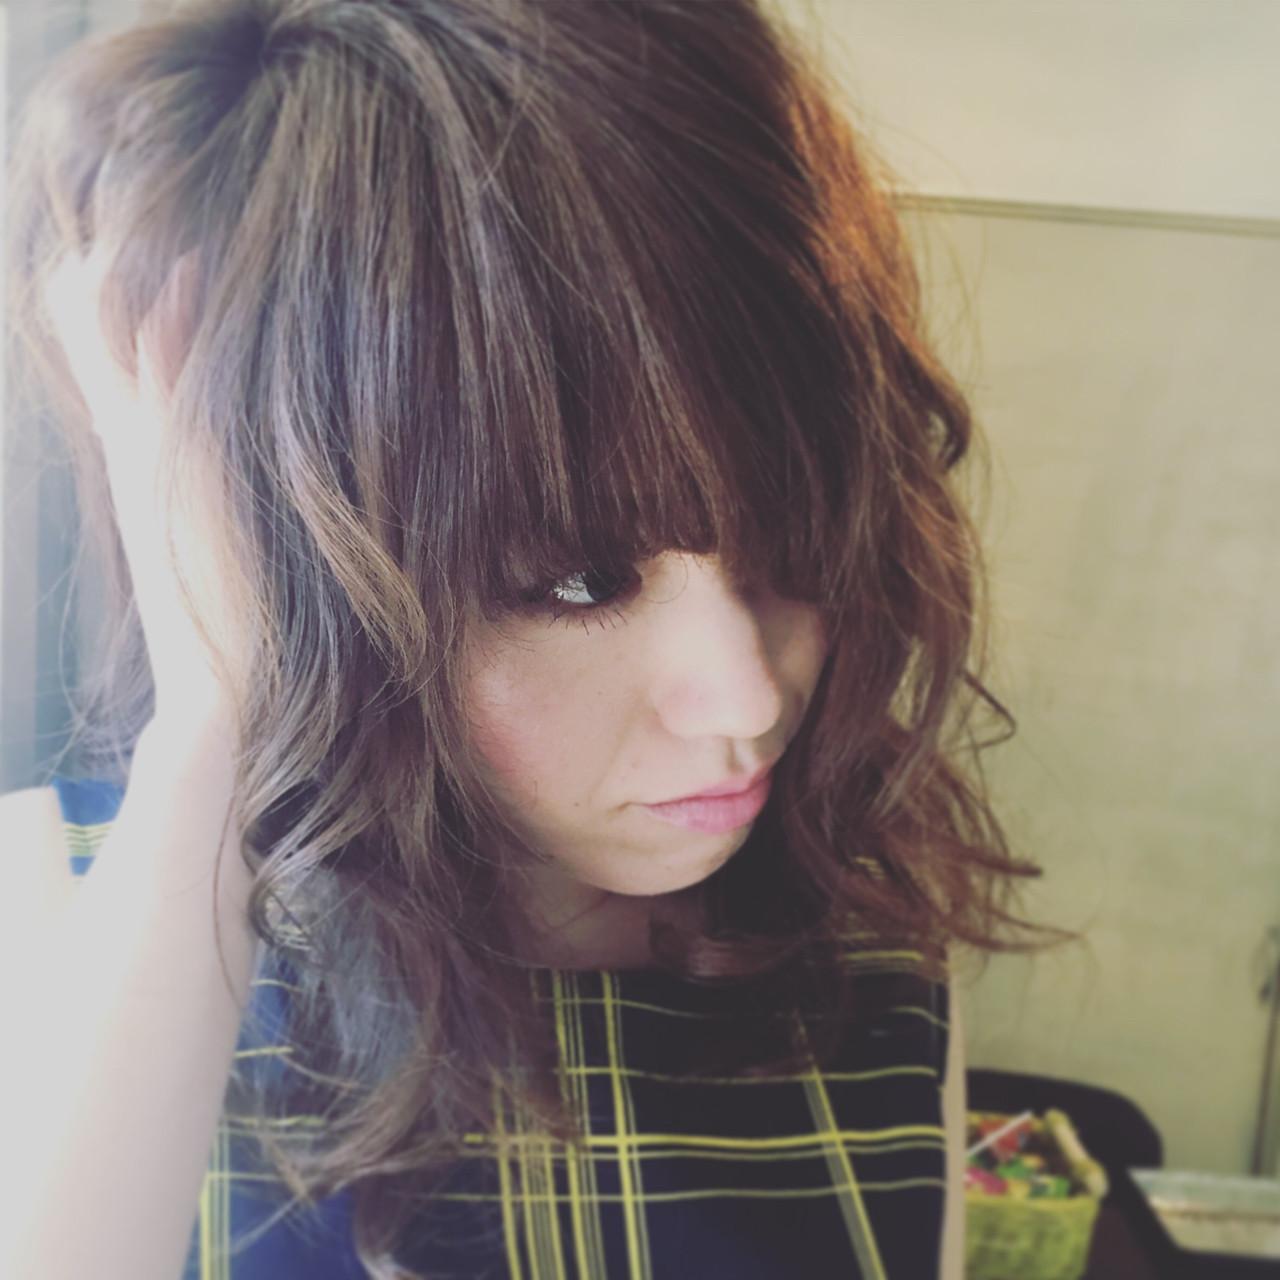 小顔 大人かわいい 色気 ボブ ヘアスタイルや髪型の写真・画像 | YUSUKE NAKAMURA / TORICO HEART (トリコハート)